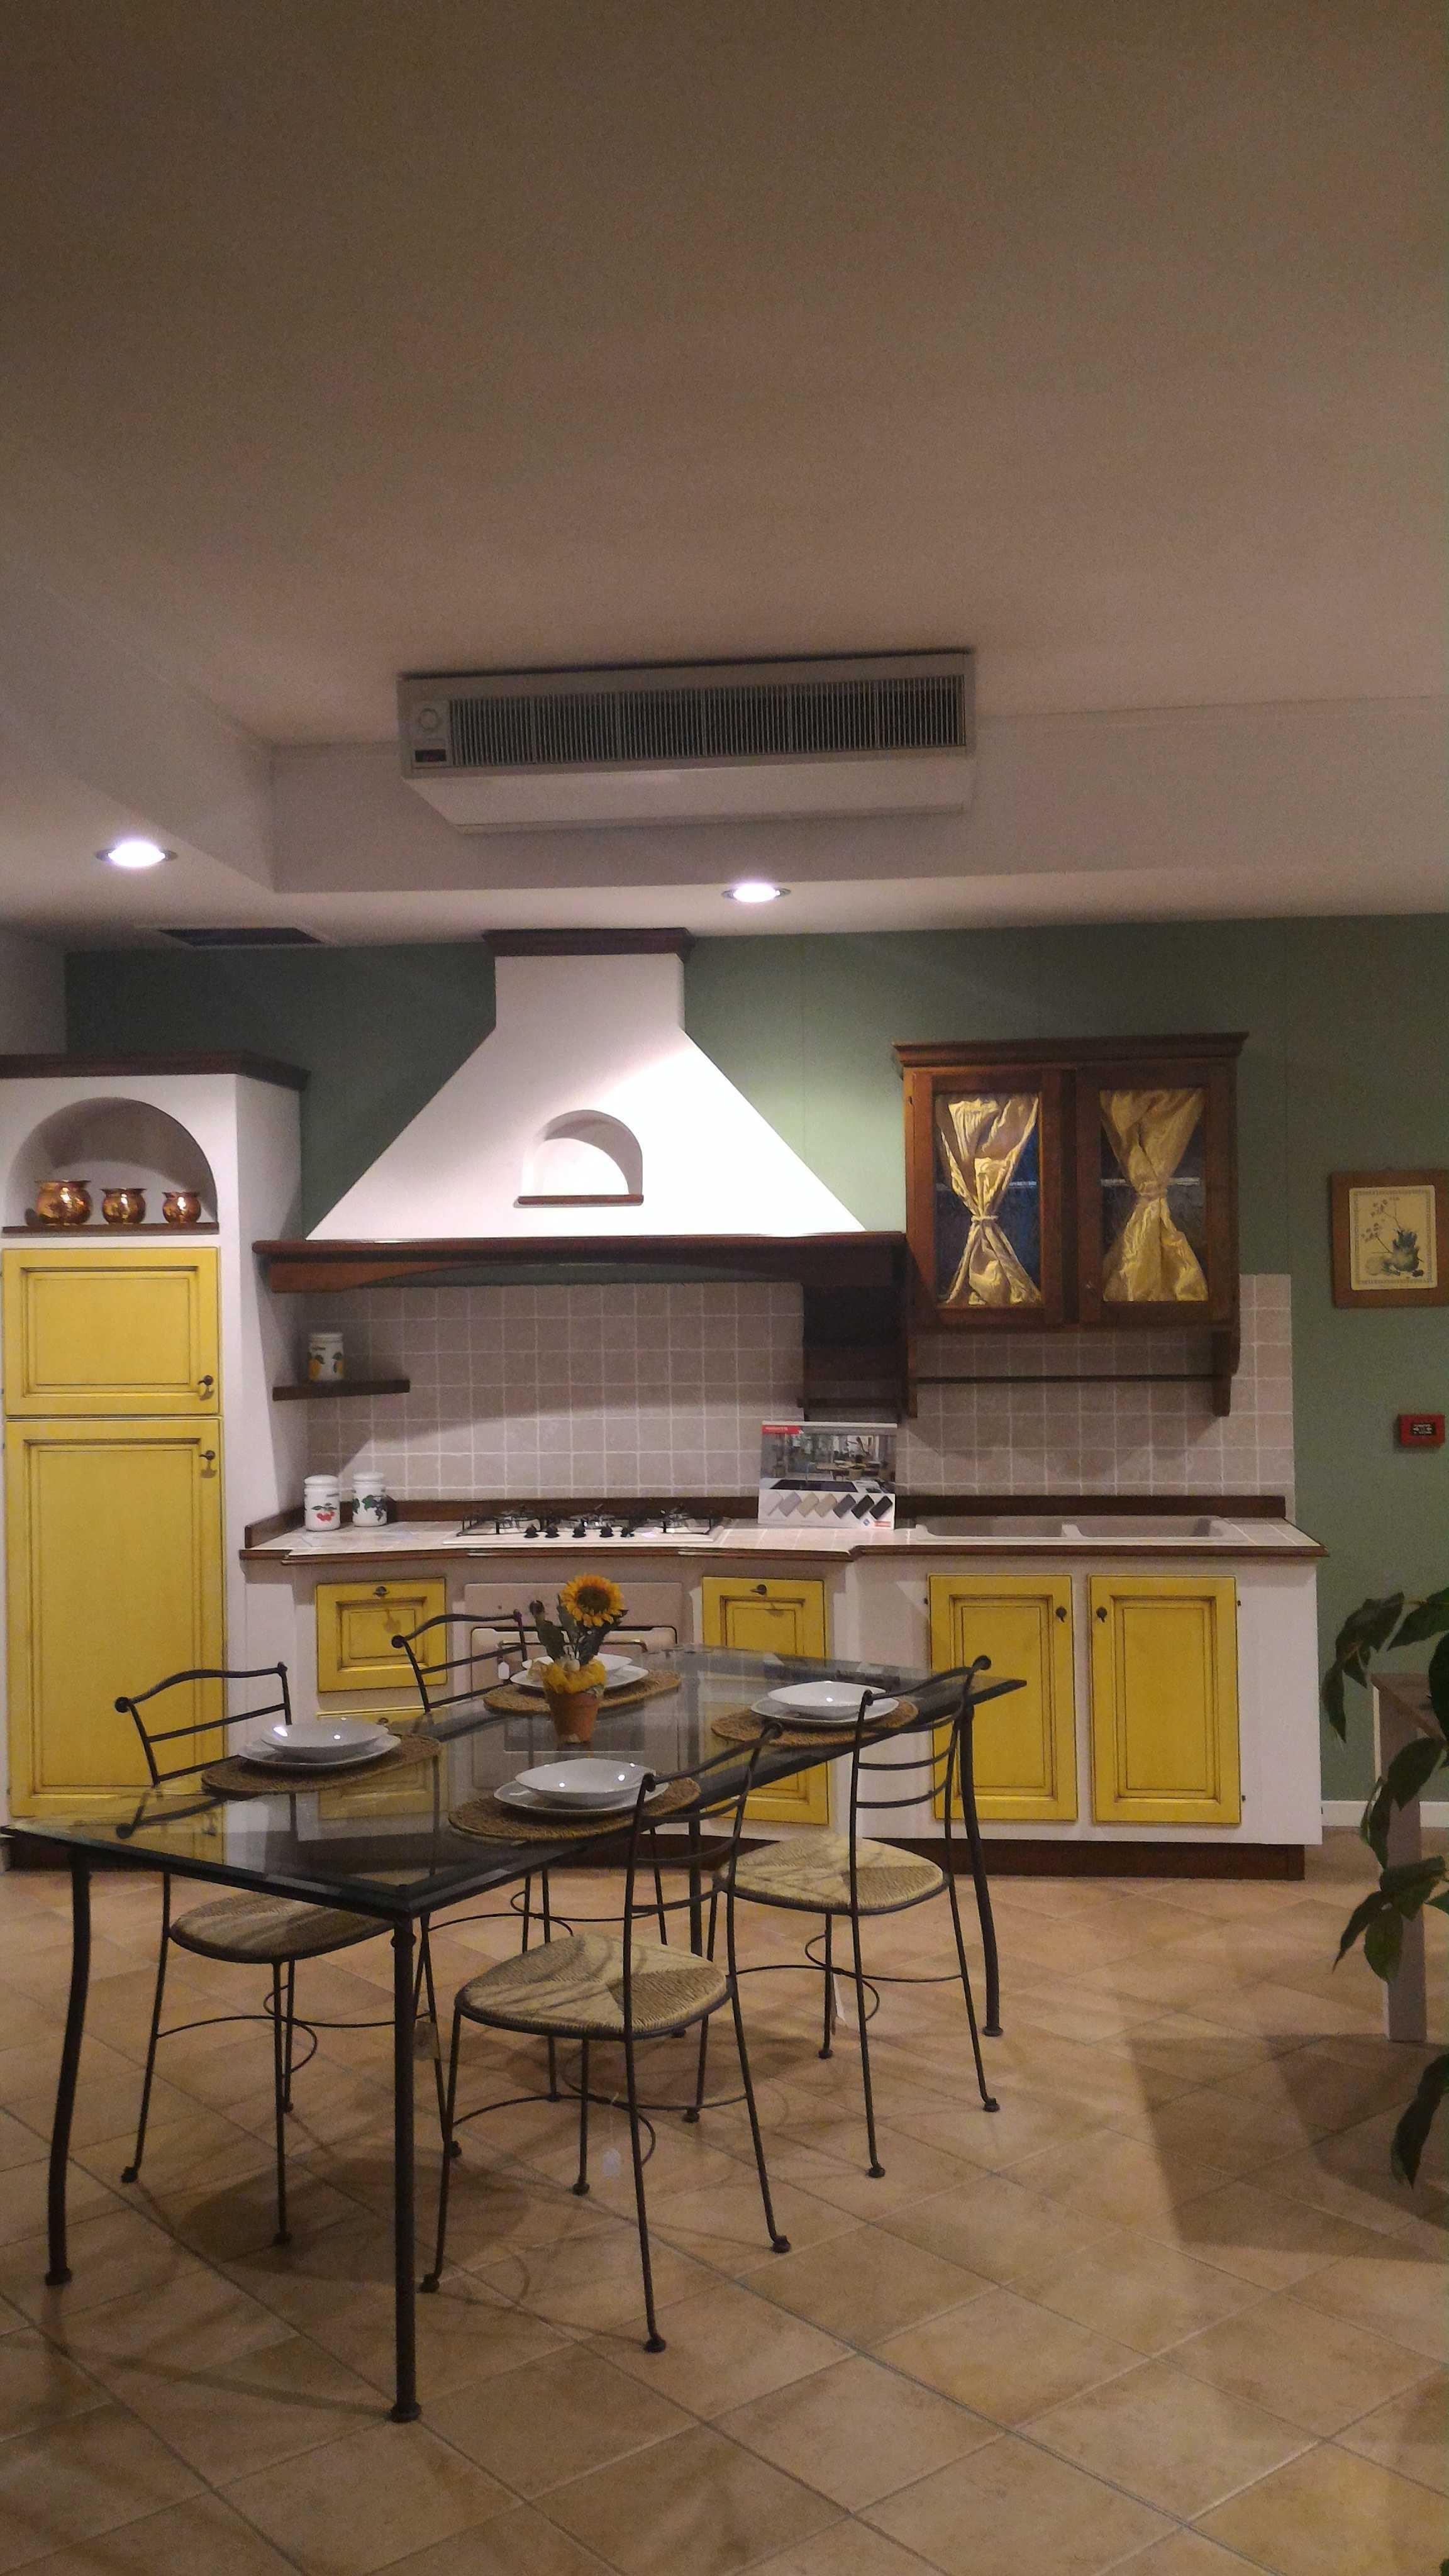 Cucina vittorina in massello e finta muratura cucine a - Cucina finta muratura prezzi ...